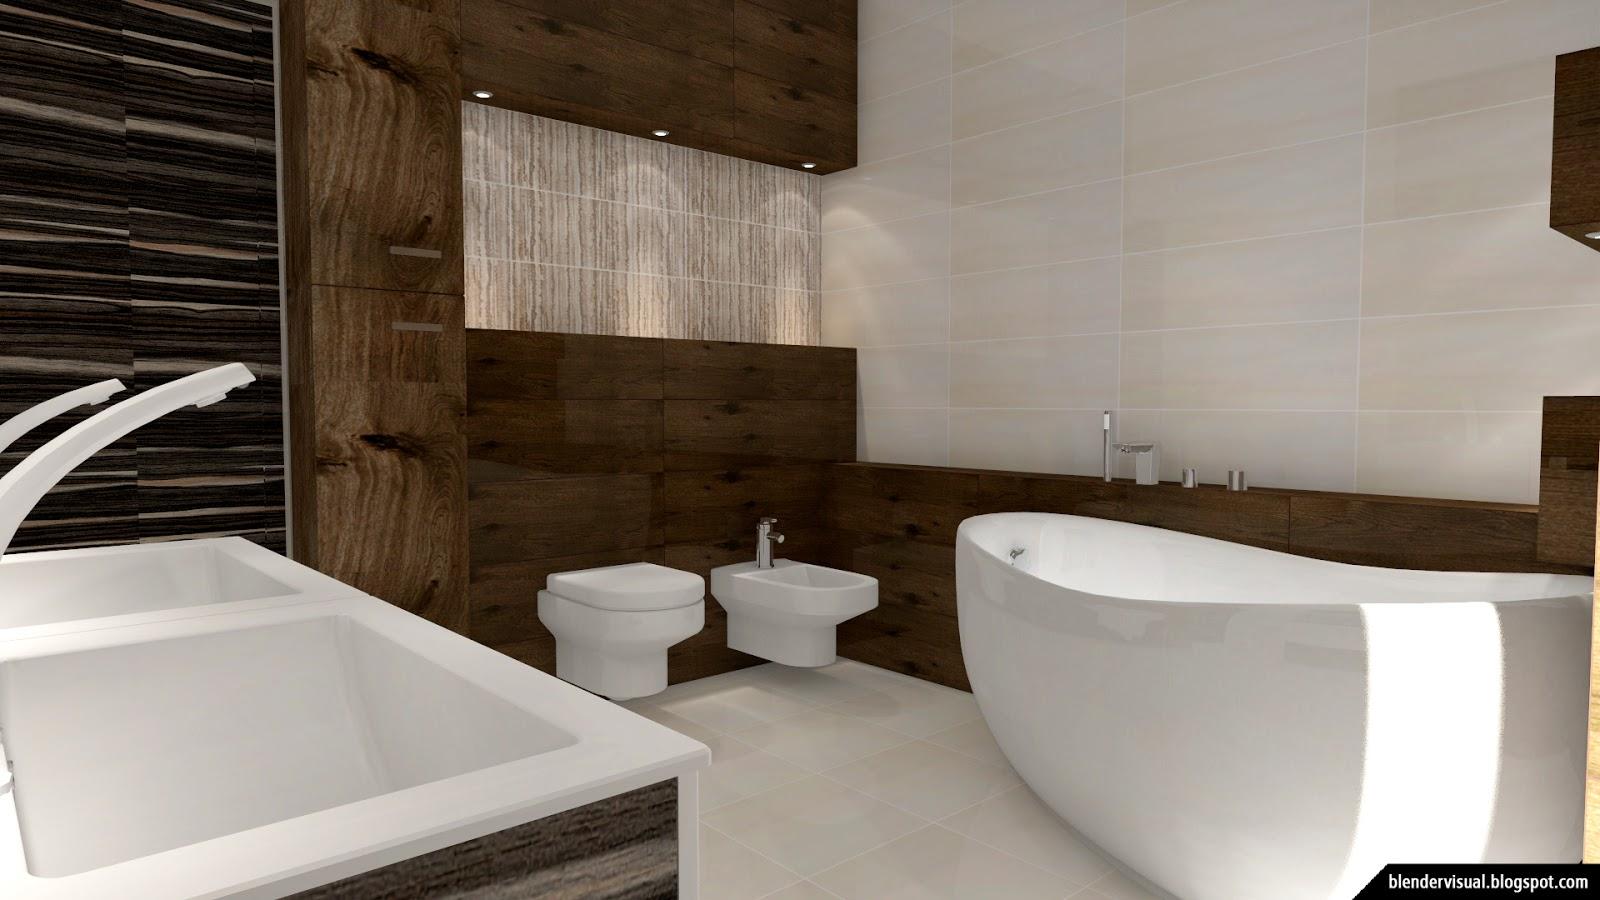 Functional Bathroom visual blender: daily render #002: the best functional bathroom